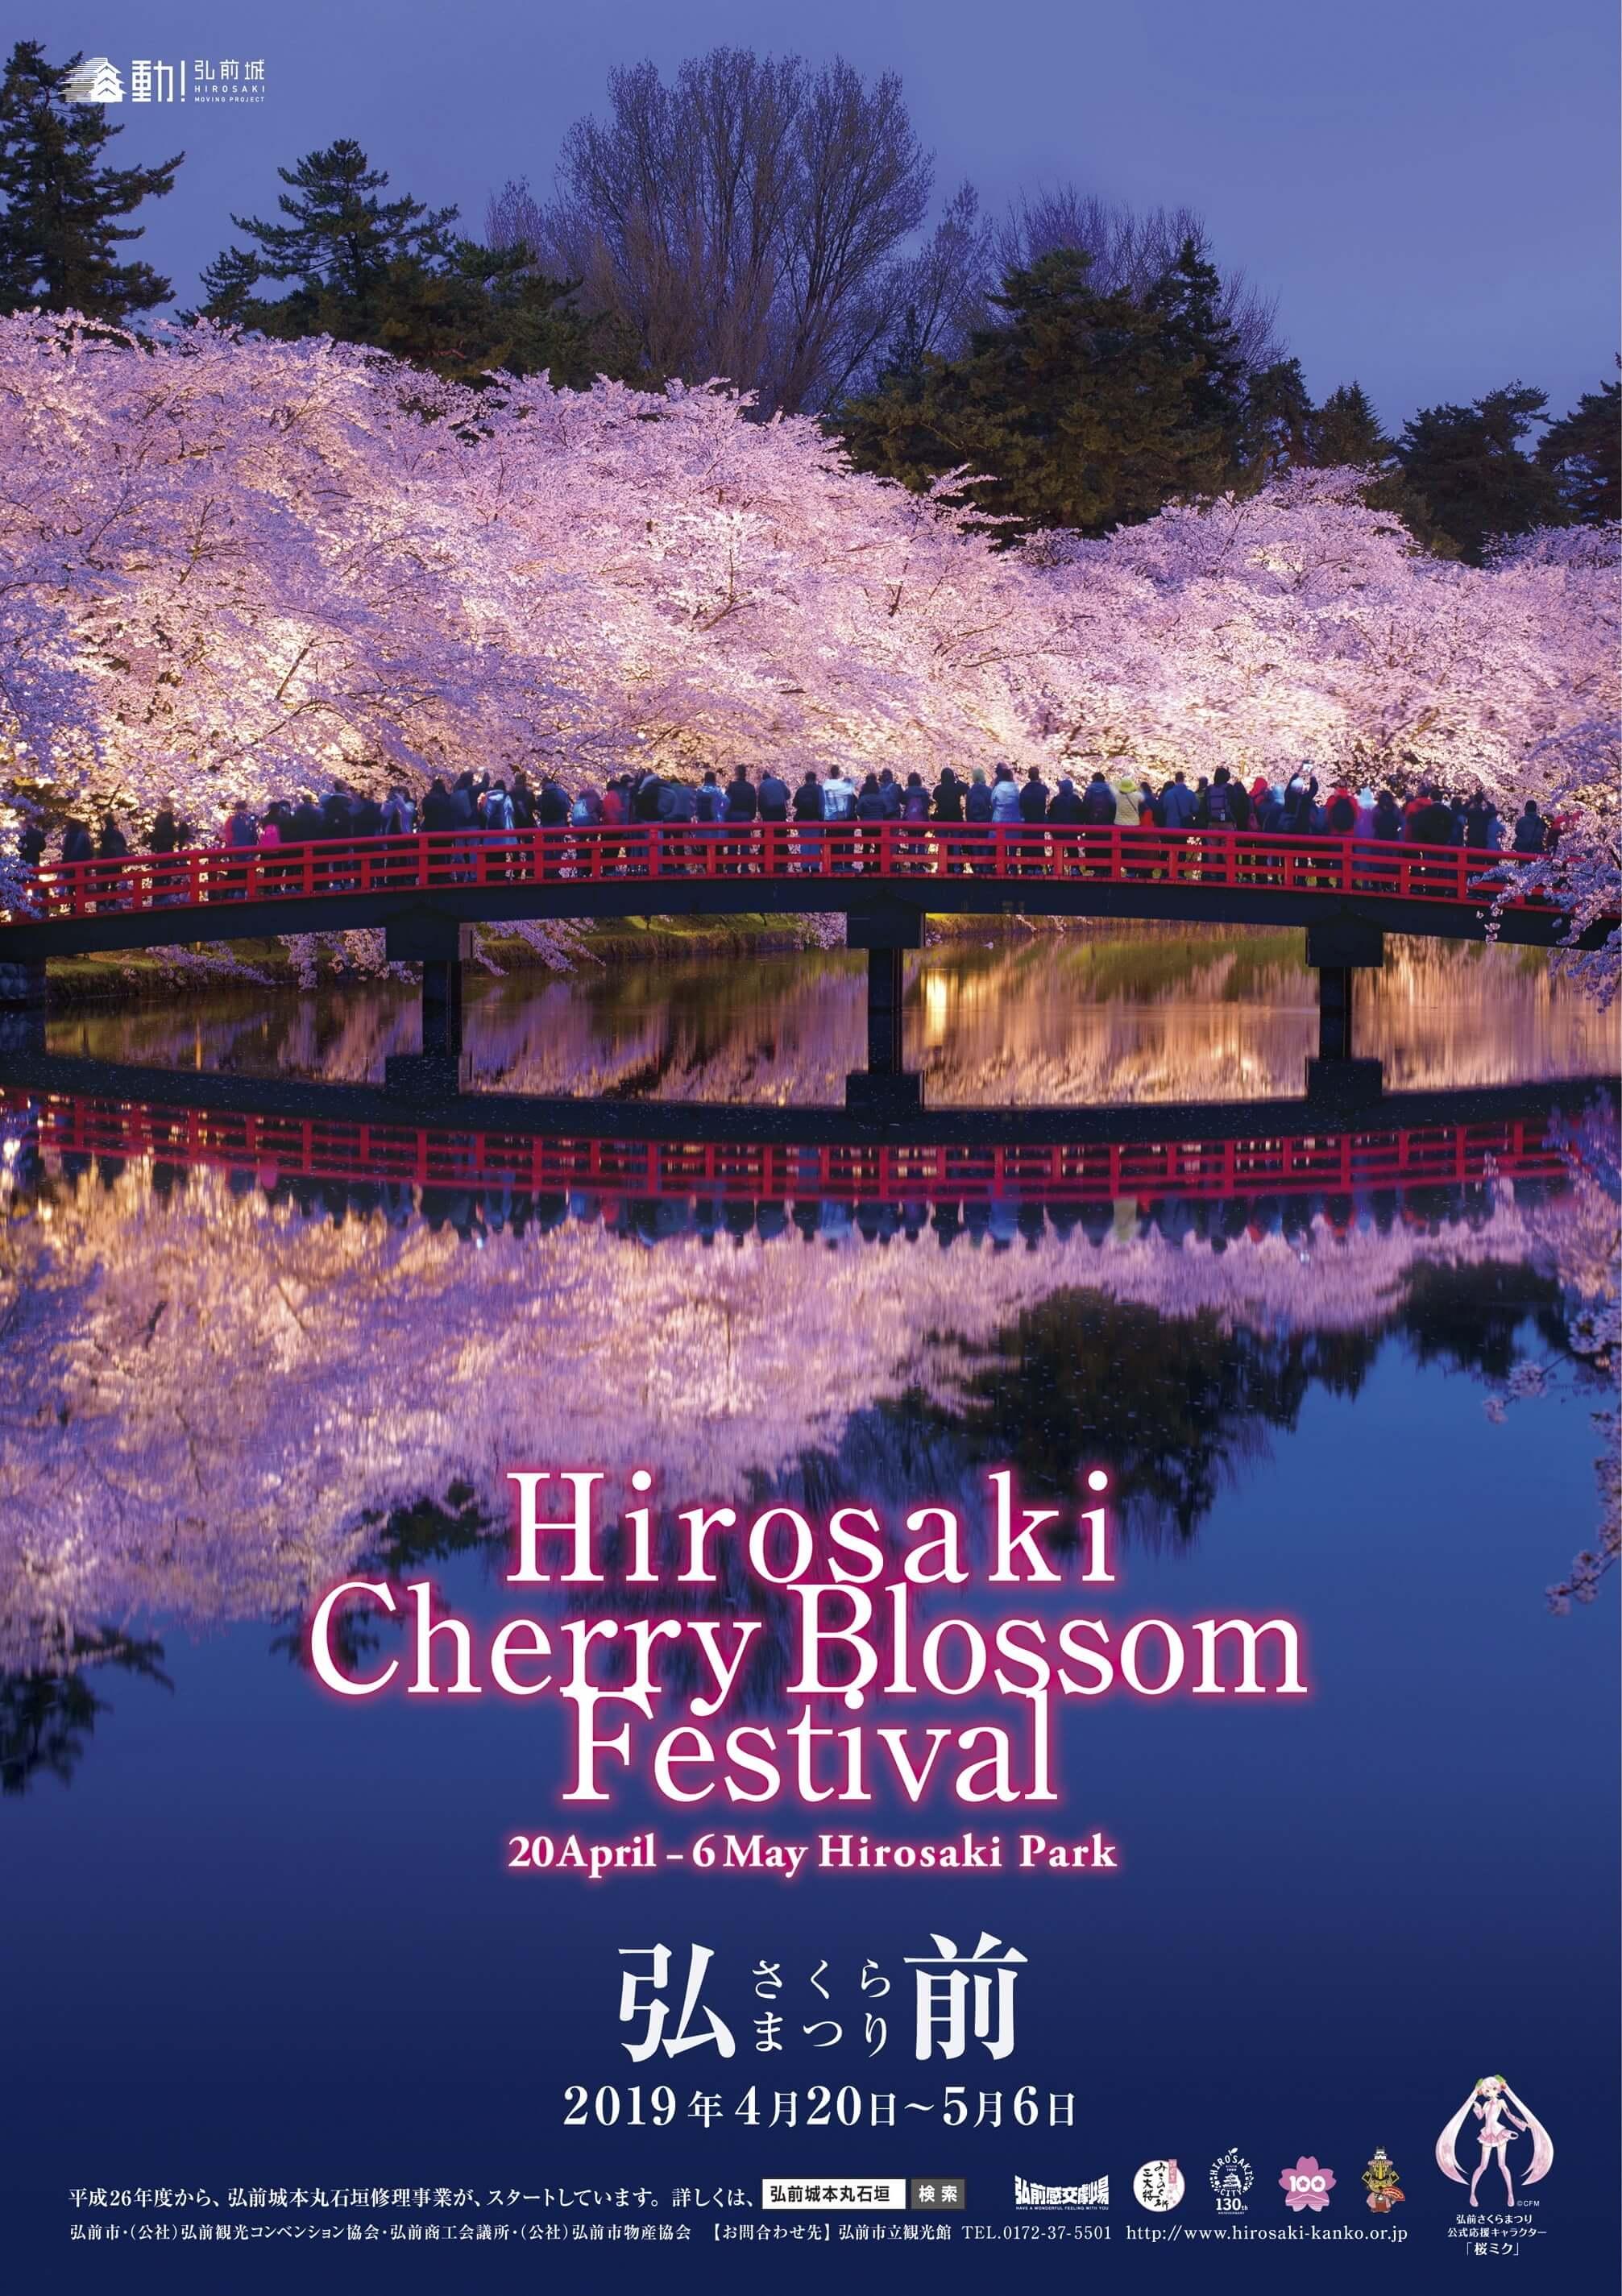 %e5%bc%98%e5%89%8d%e3%81%95%e3%81%8f%e3%82%89%e3%81%be%e3%81%a4%e3%82%8a-hirosaki-cherry-blossom-festival-%e6%a1%9c-sakura-2